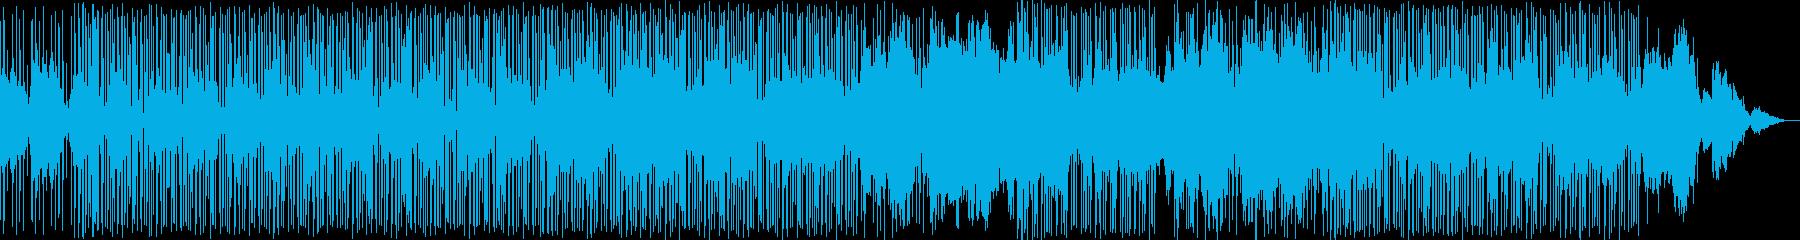 幻想的な雰囲気のbreakbeats の再生済みの波形